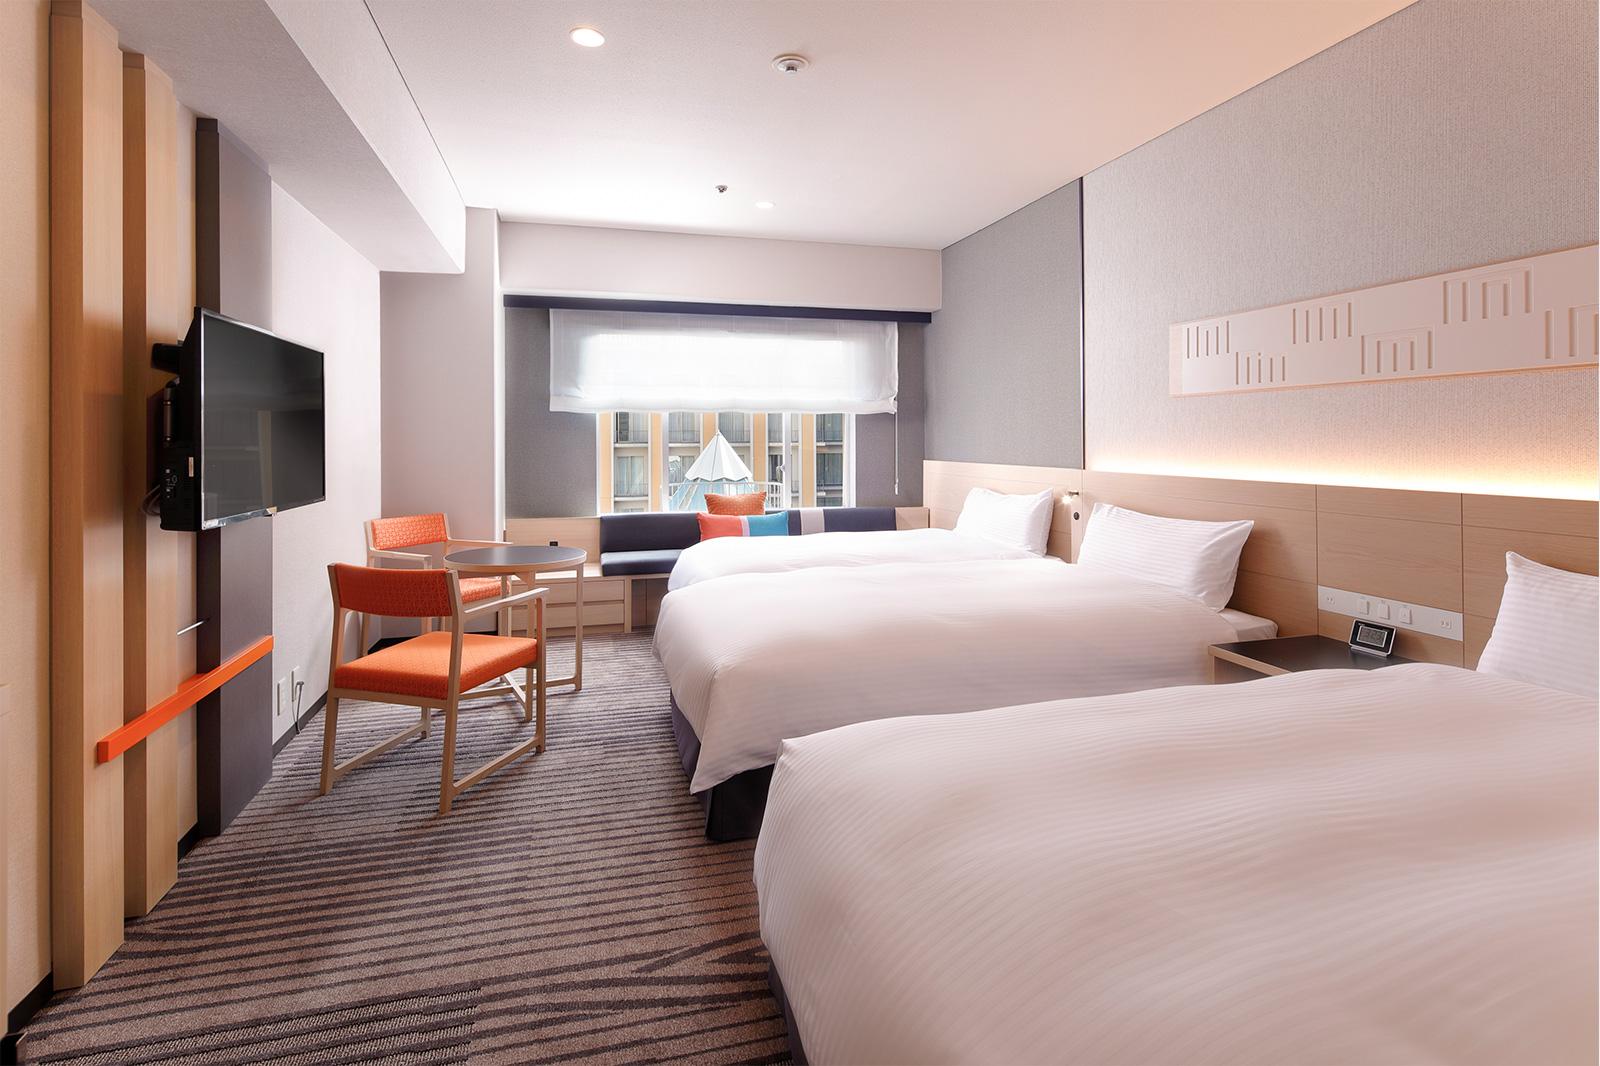 新・都ホテル 本館プレミアムフロア客室改修